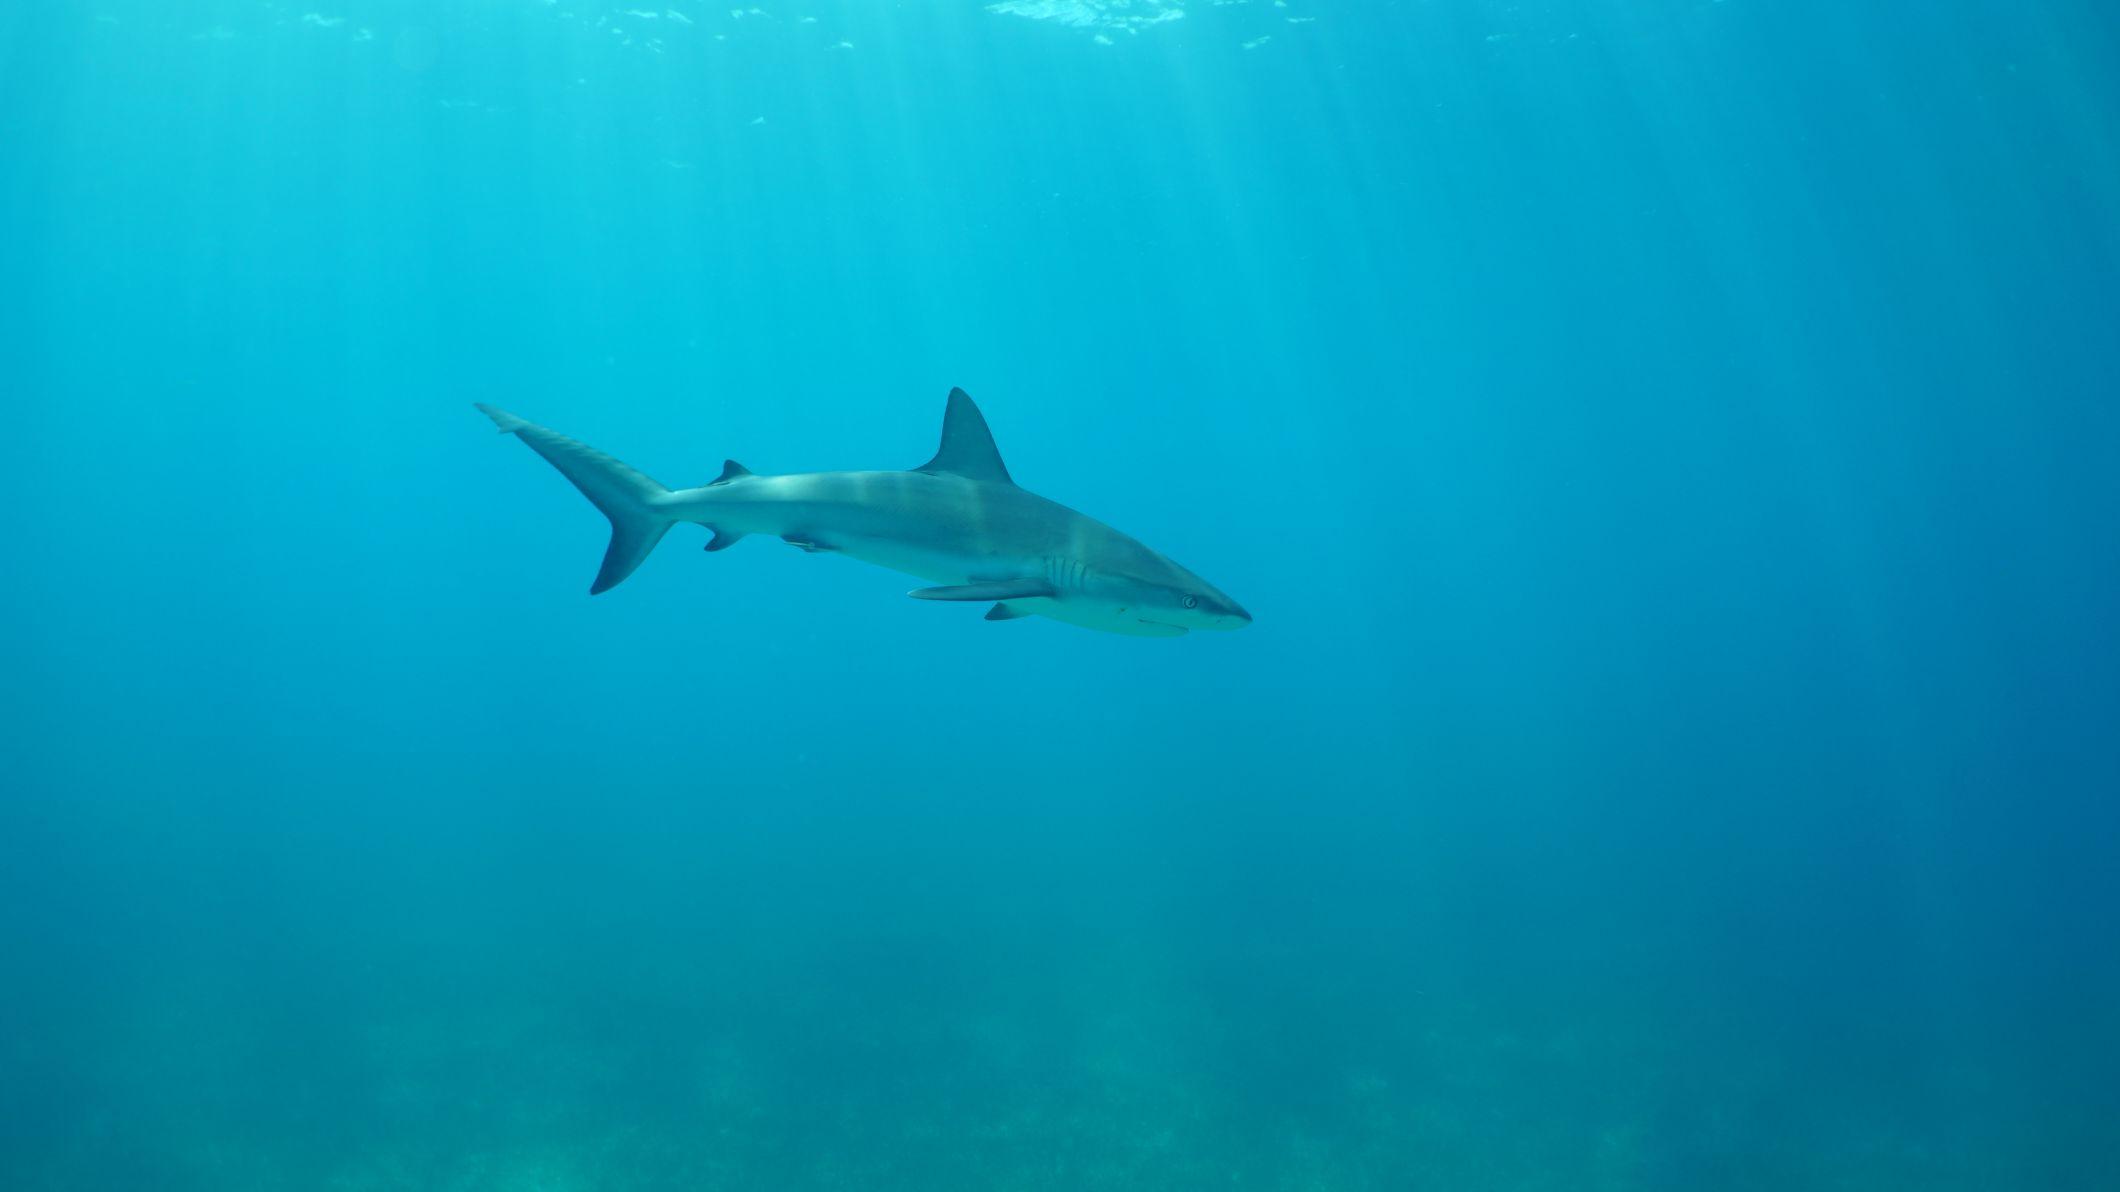 National Geographic - Il mistero degli squali - immagini